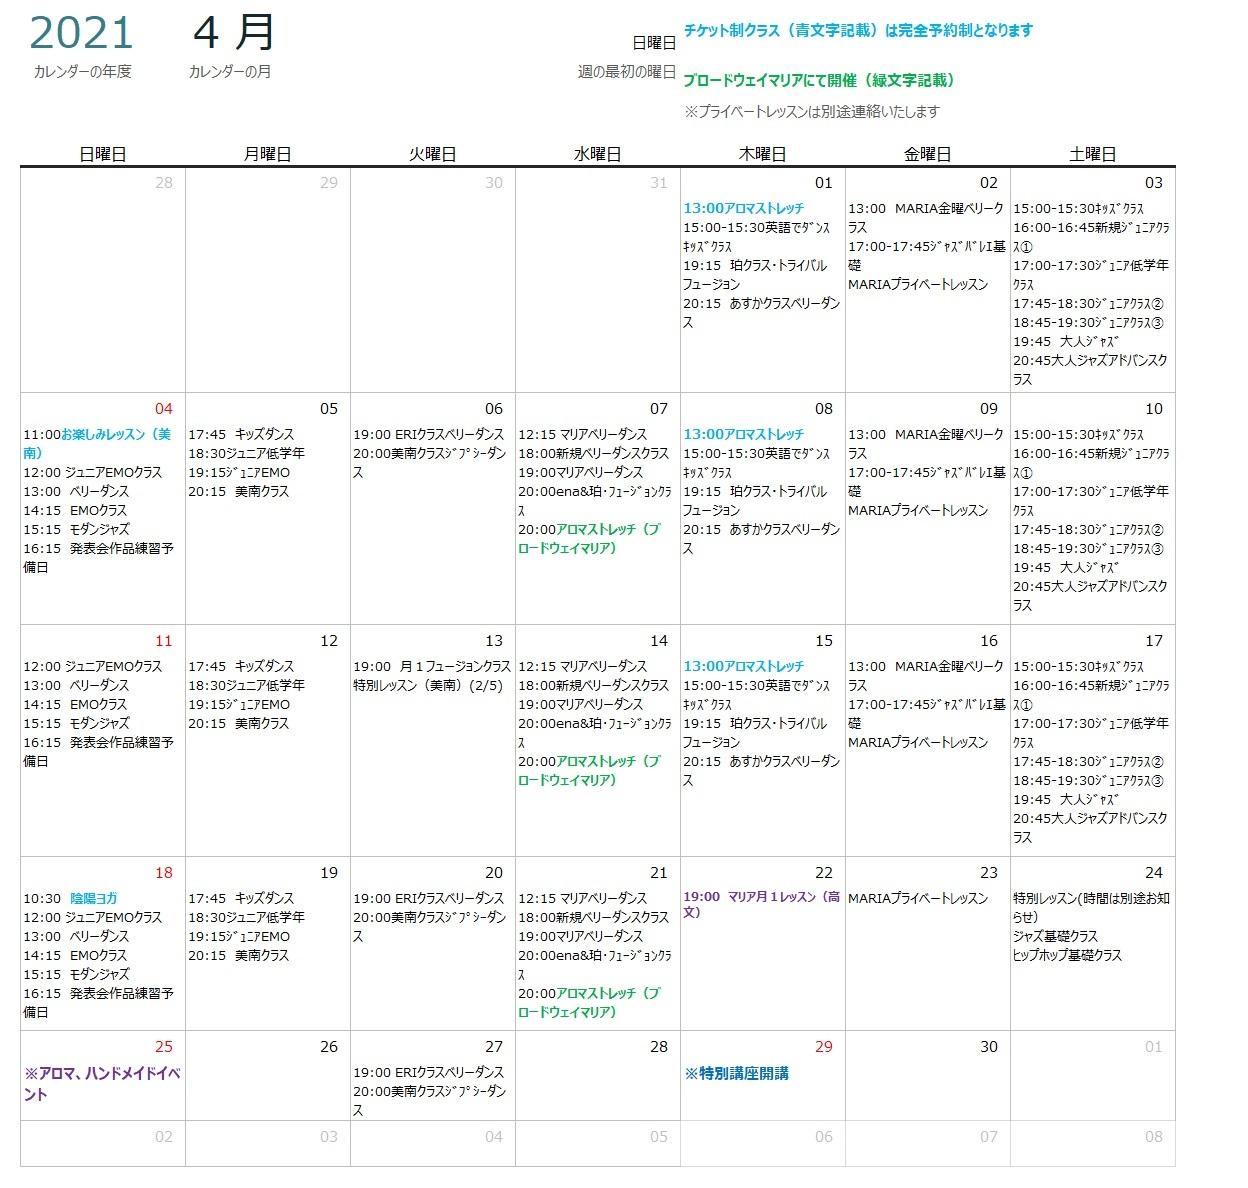 ブロードウェイ・マリア/マリアスタジオ(スタジオスケジュール)3月3日更新_c0201916_14335610.jpg